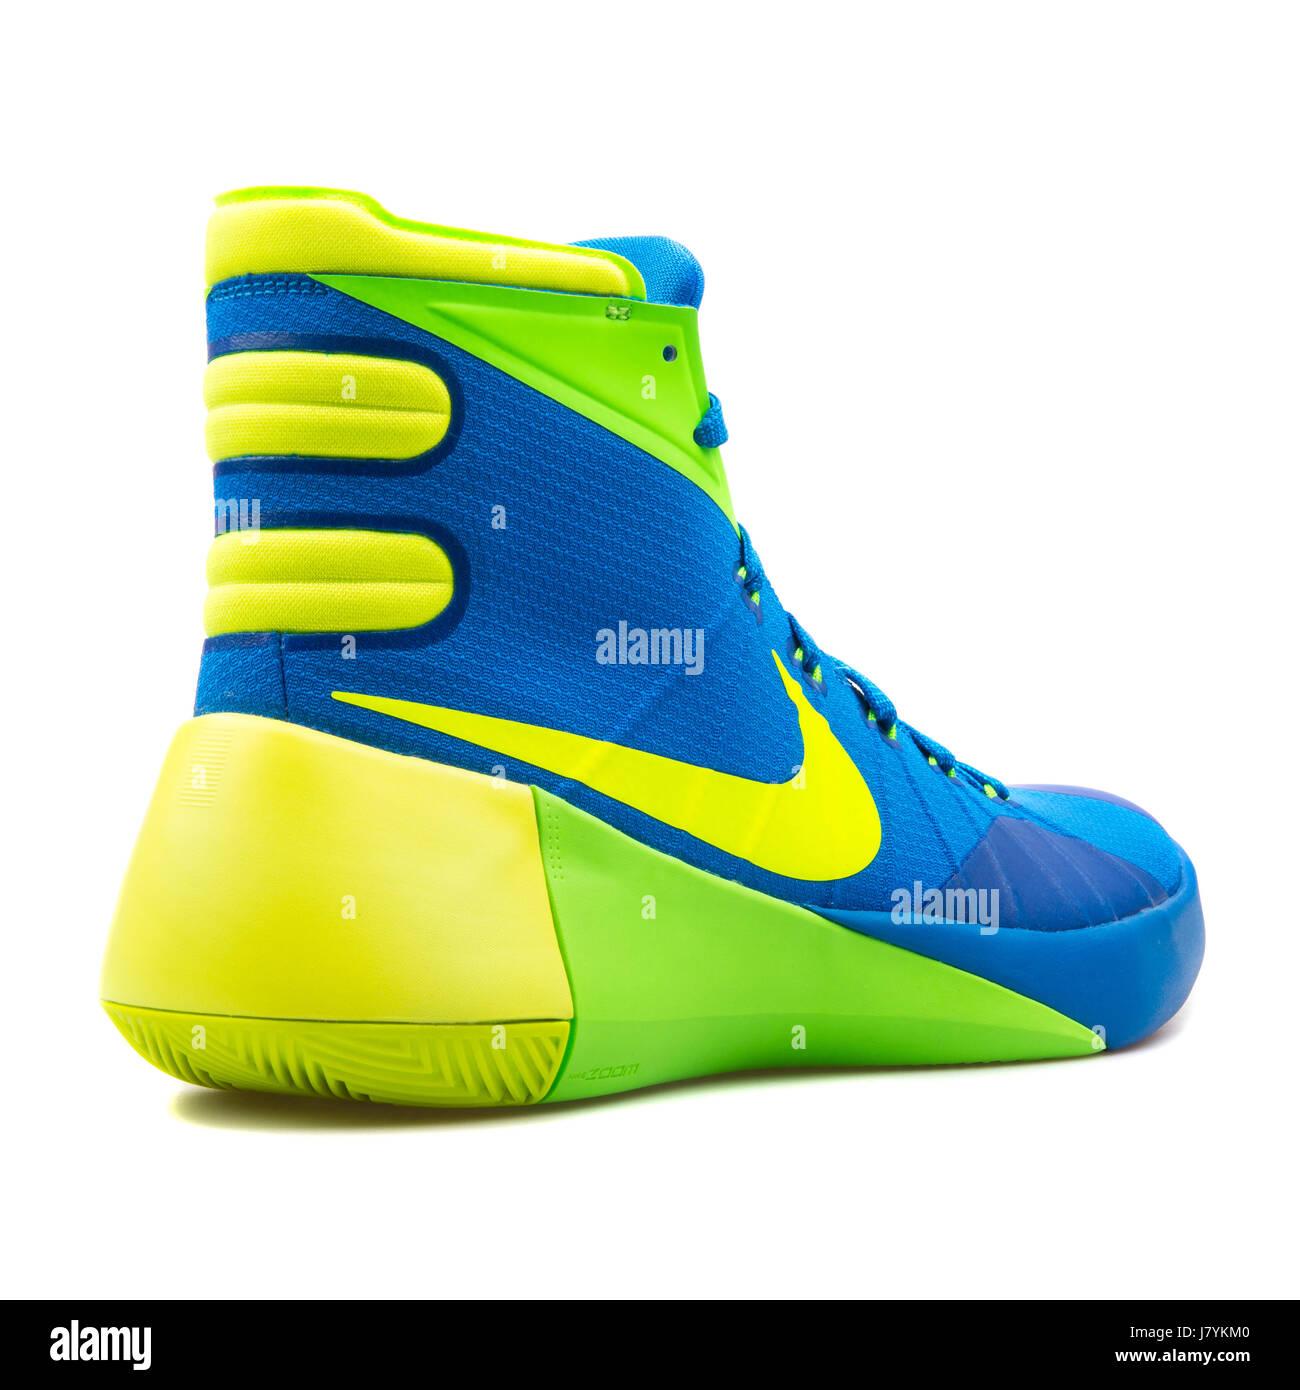 Schuhe Blau nike hyperdunk 2015 photo Blau Herren 749561